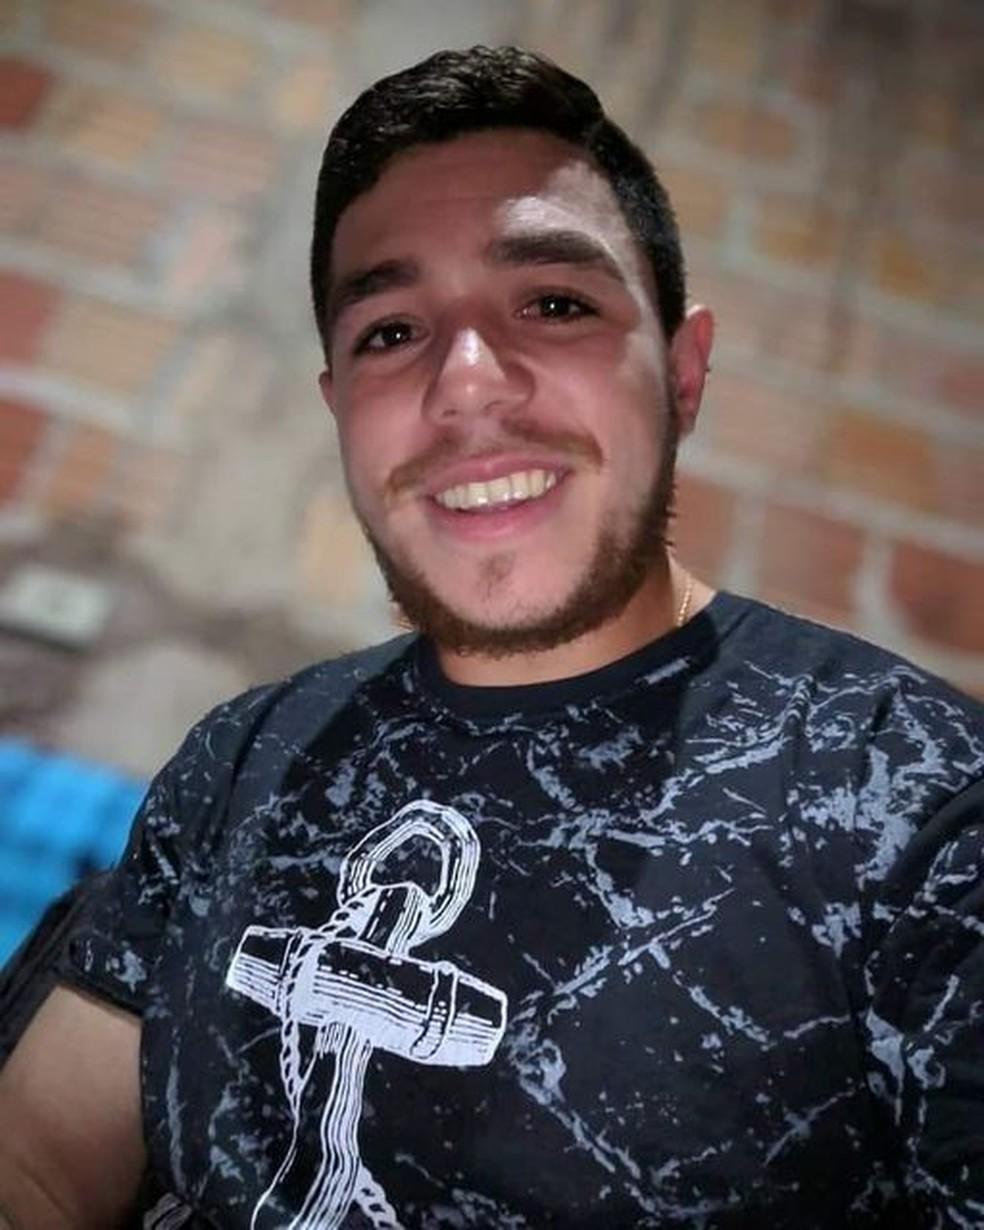 Lucas morreu após acidente, mas antes conseguiu falar com o irmão sobre o que havia acontecido — Foto: Redes Sociais